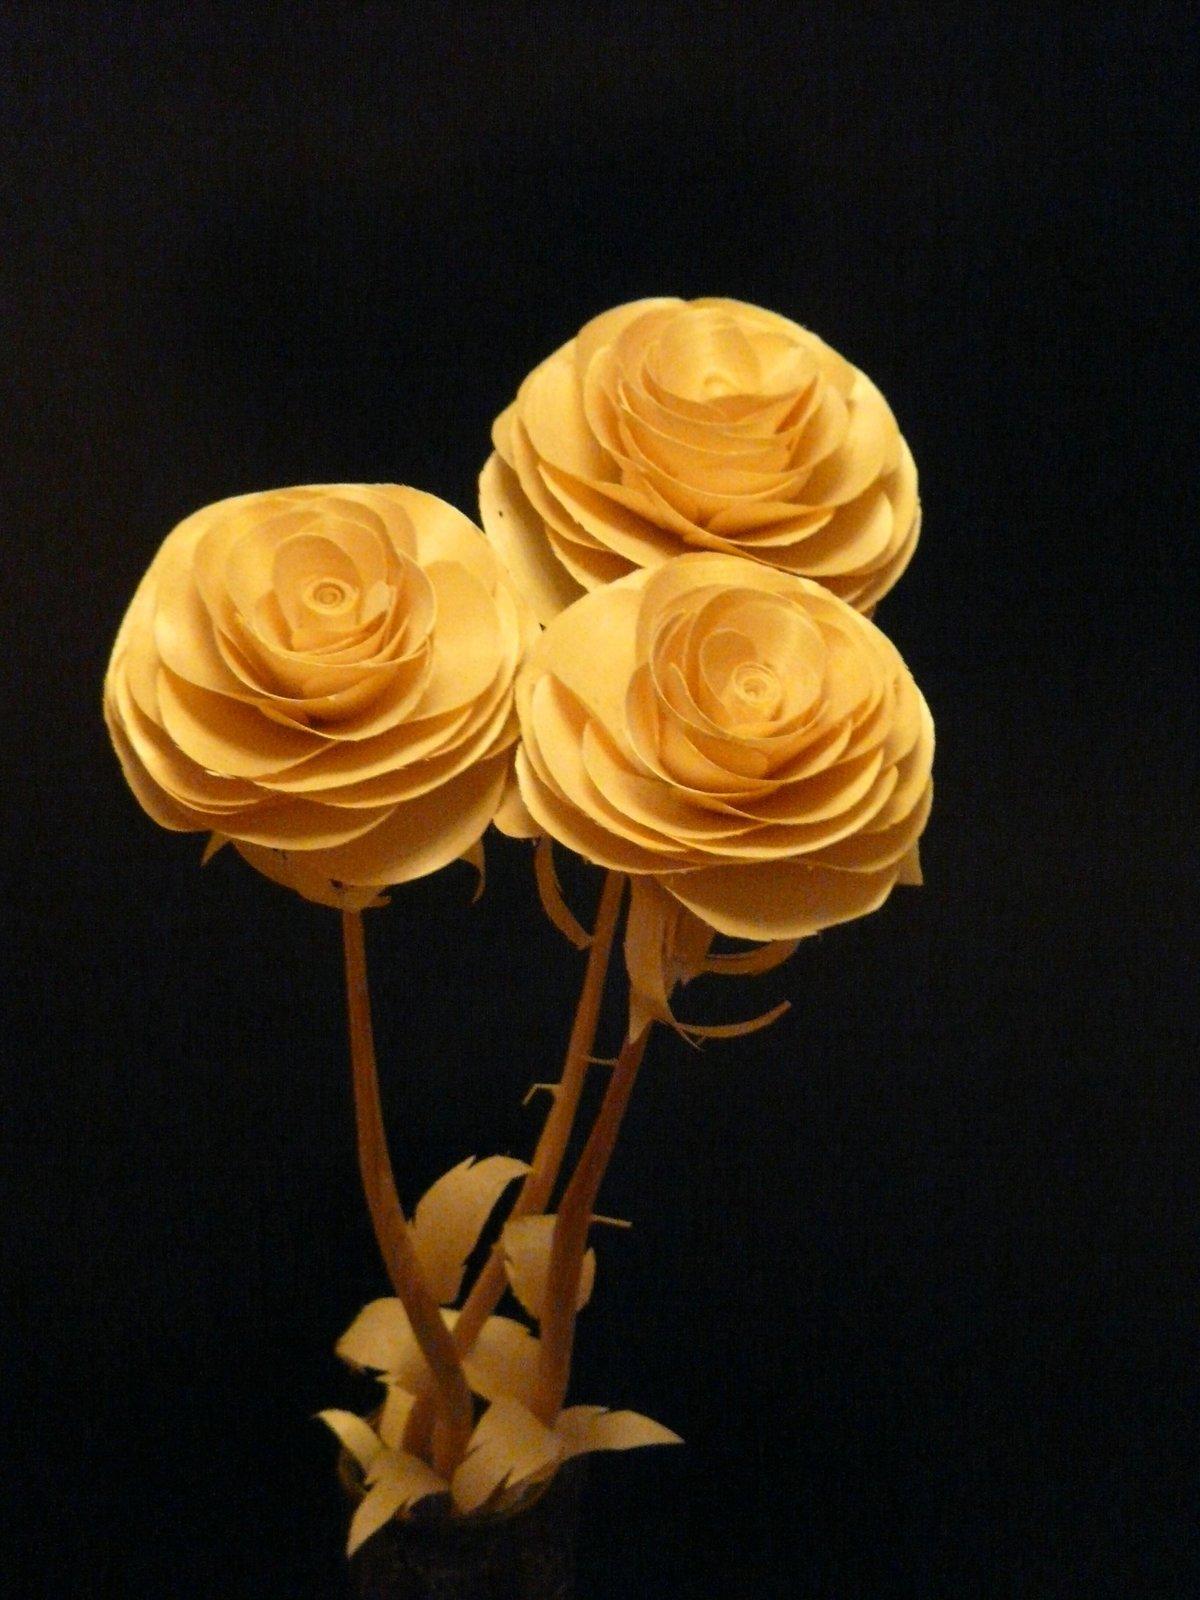 владельцев сообщали как вырезать розу из дерева фото обколешься пока соберёшь